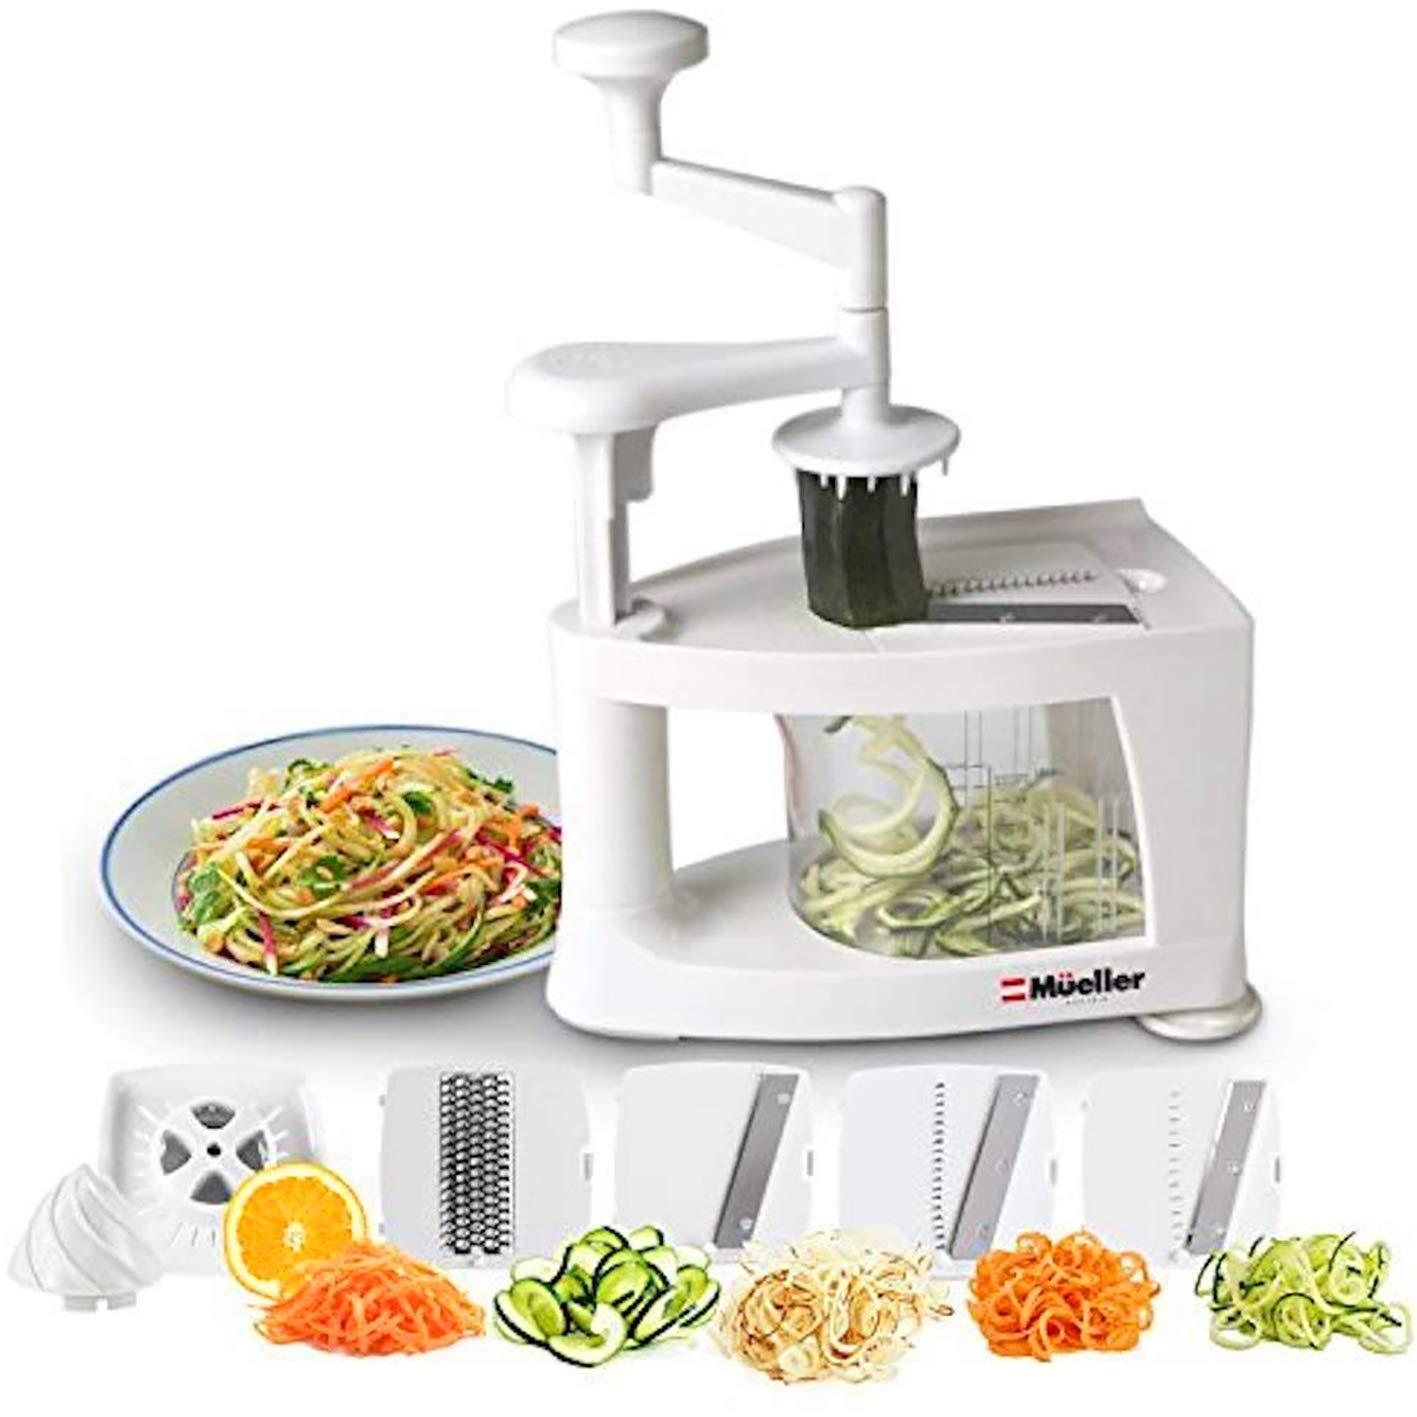 Mueller Spiral-Ultra Multi-Blade Spiralizer, 8 into 1 Spiral Slicer, Heavy Duty Salad Utensil, Vegetable Pasta Maker and Mandoline Slicer for Low Carb/Paleo/Gluten-Free Meals Heavy Duty Spiralizer